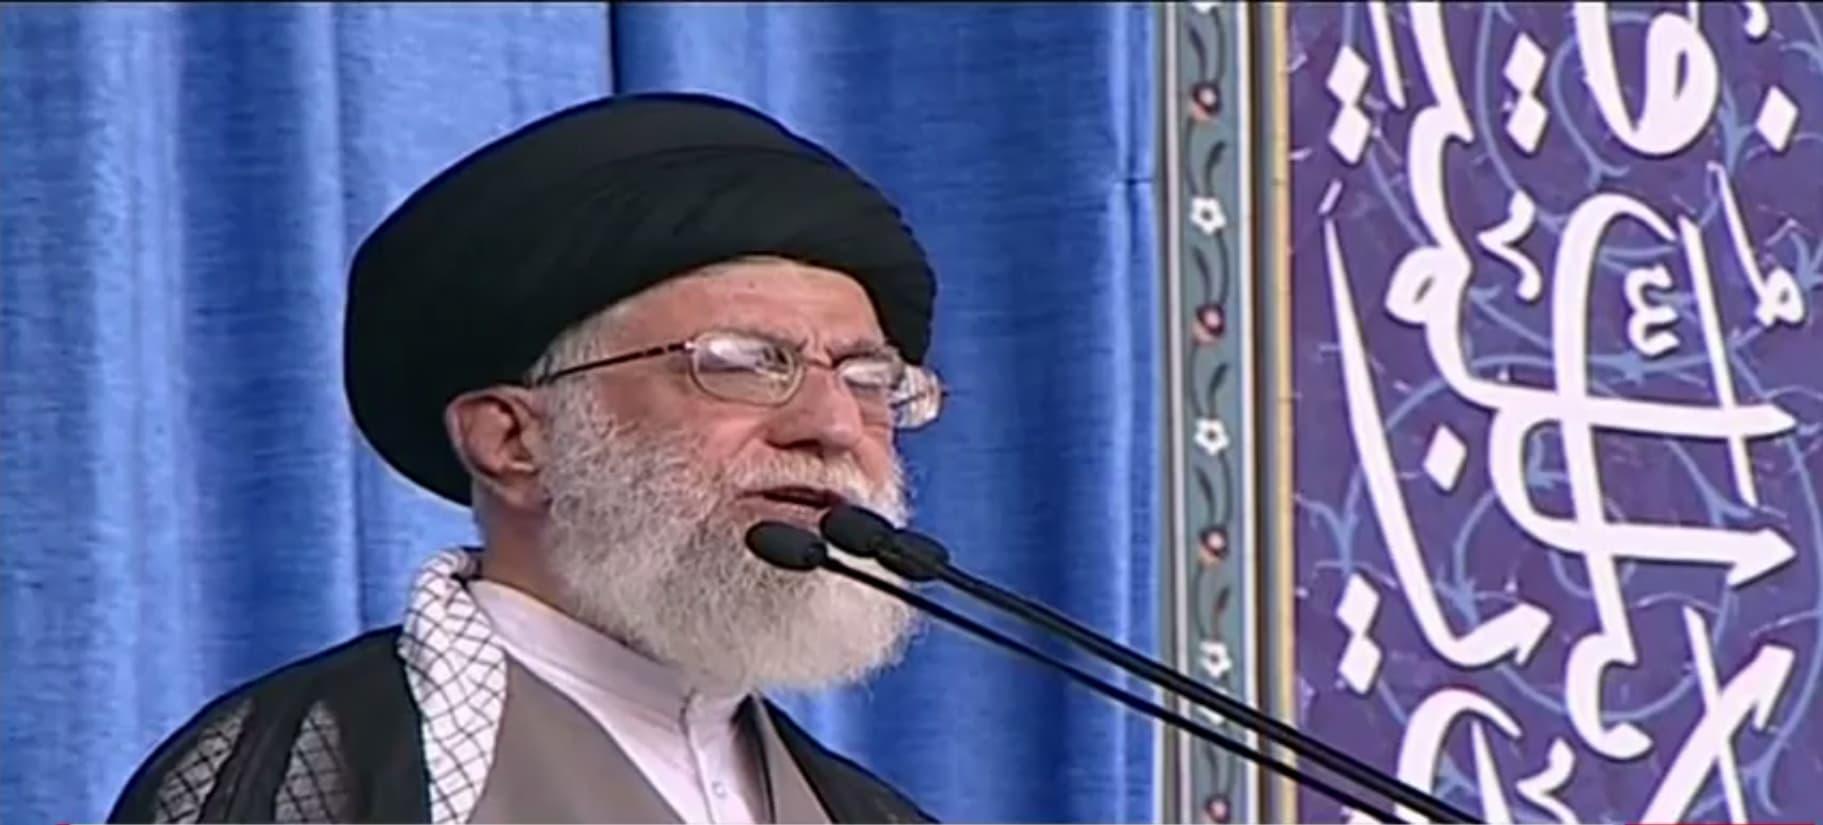 """خامنئي: احتجاز البحارة الأمريكيين يُعبّر عن """"إيمان"""" الحرس الثوري الإيراني"""